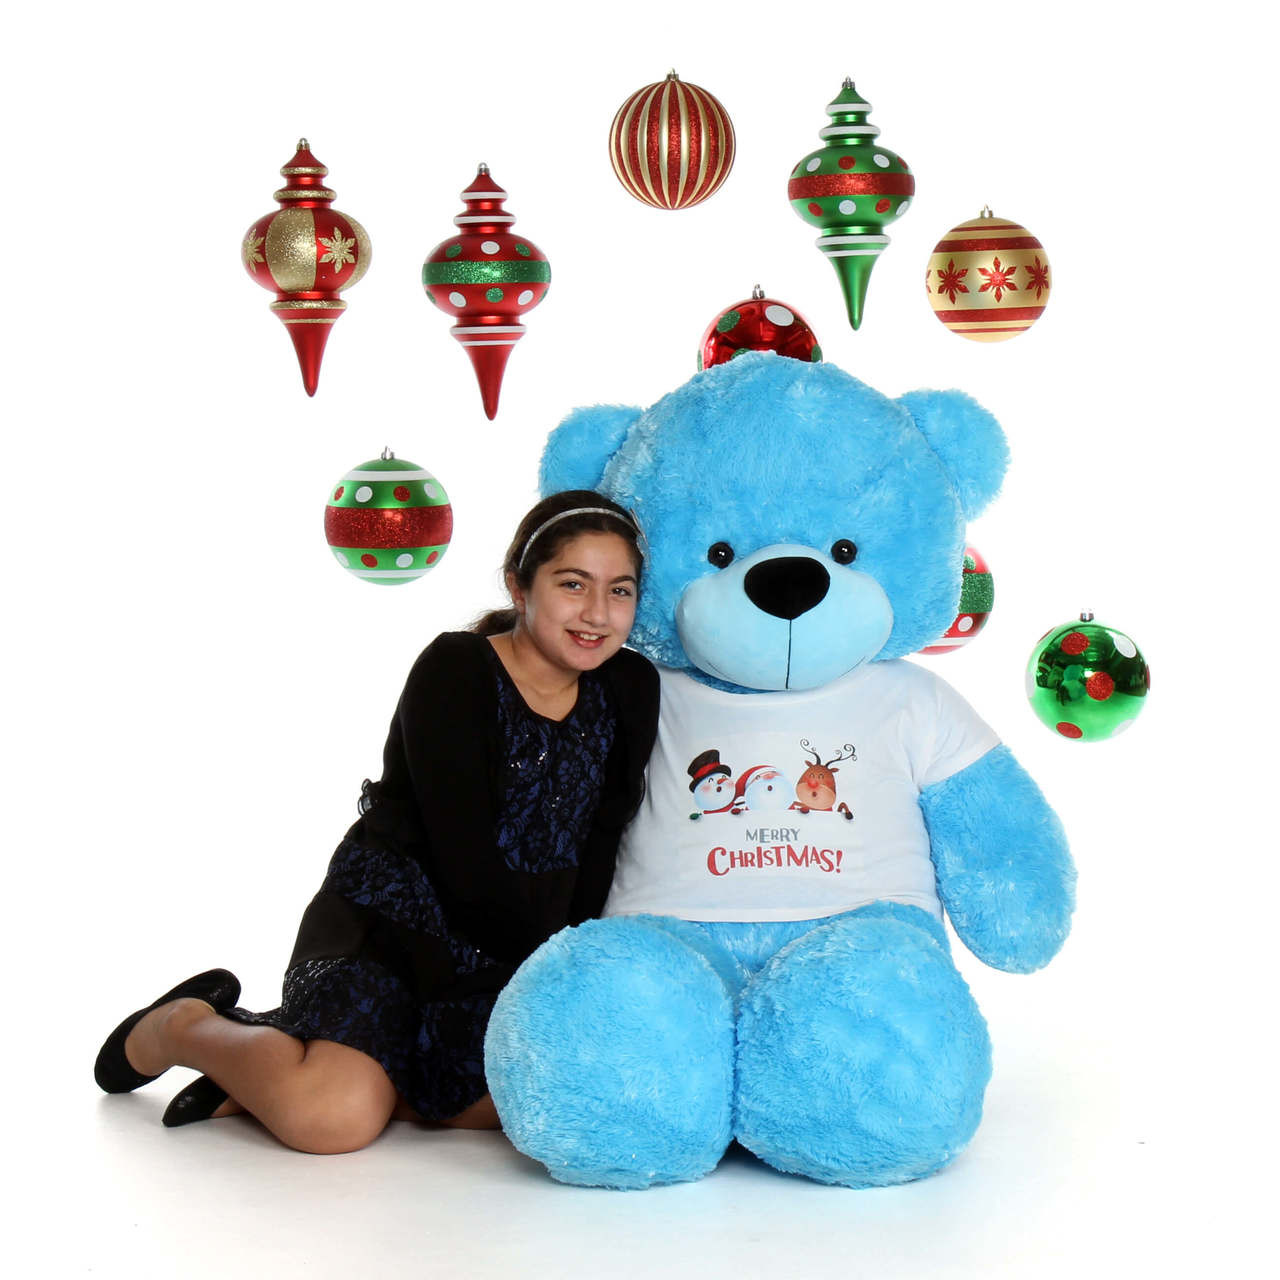 5ft Light Blue Soft and Fluffy Merry Christmas Teddy Bear